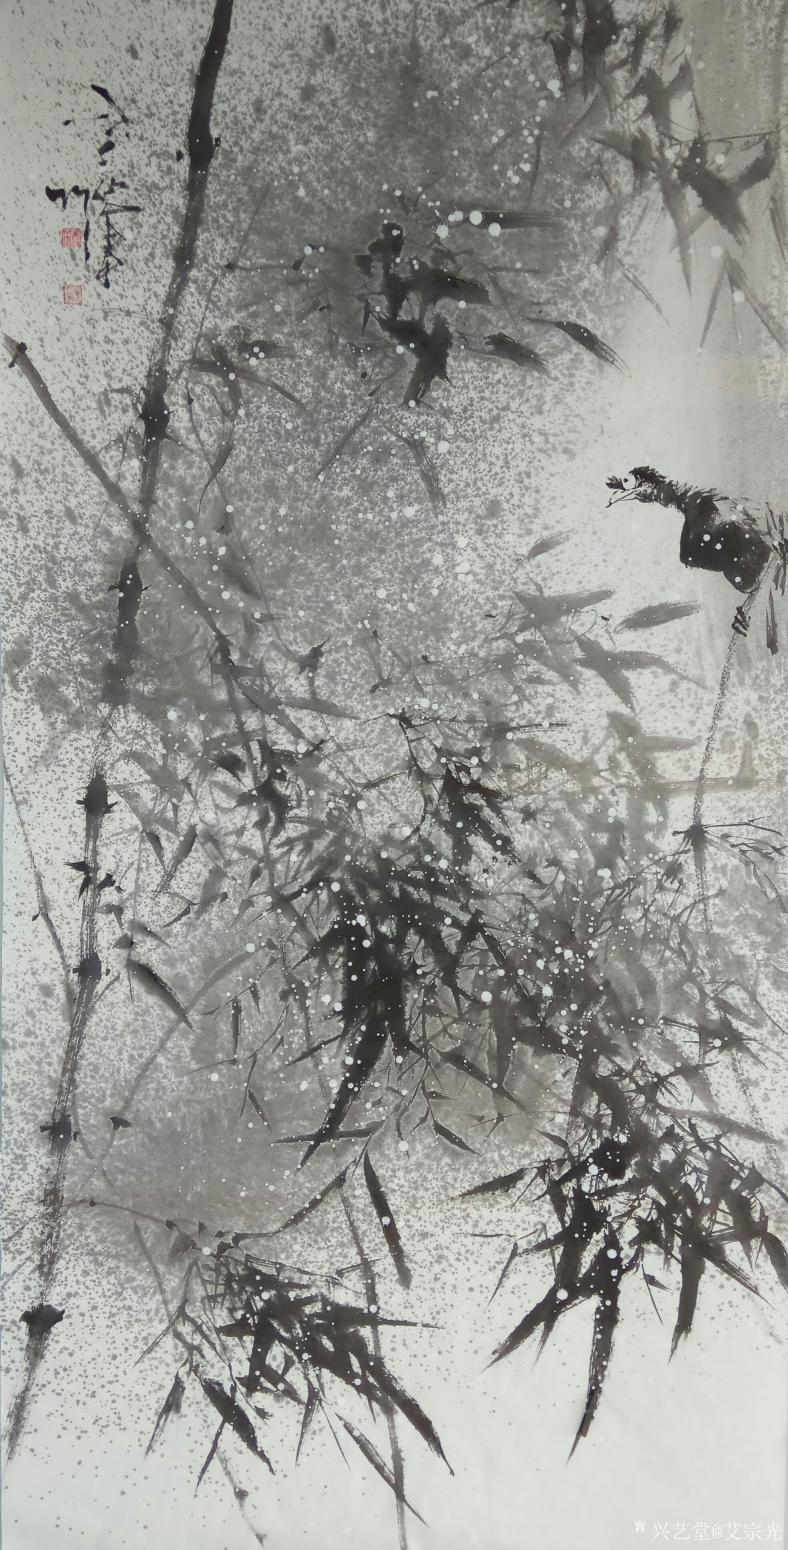 艾宗光国画作品《【竹子4】作者艾宗光》